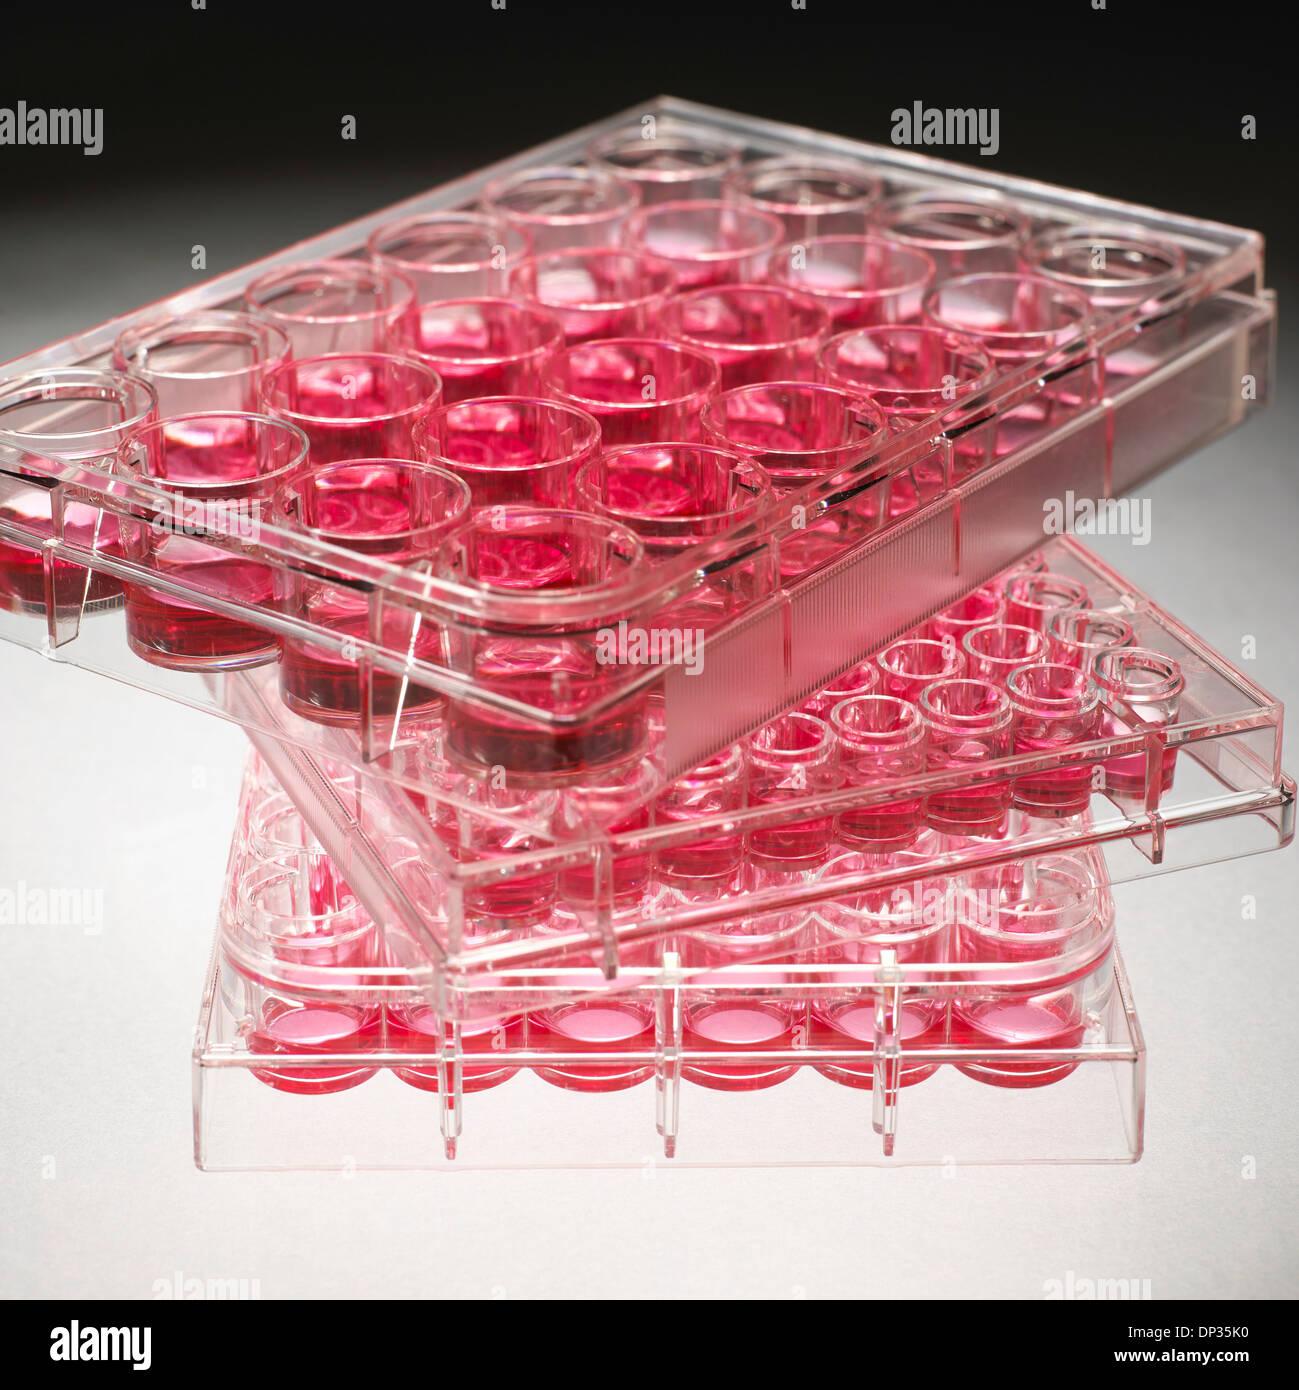 Les plaques de culture cellulaire Photo Stock